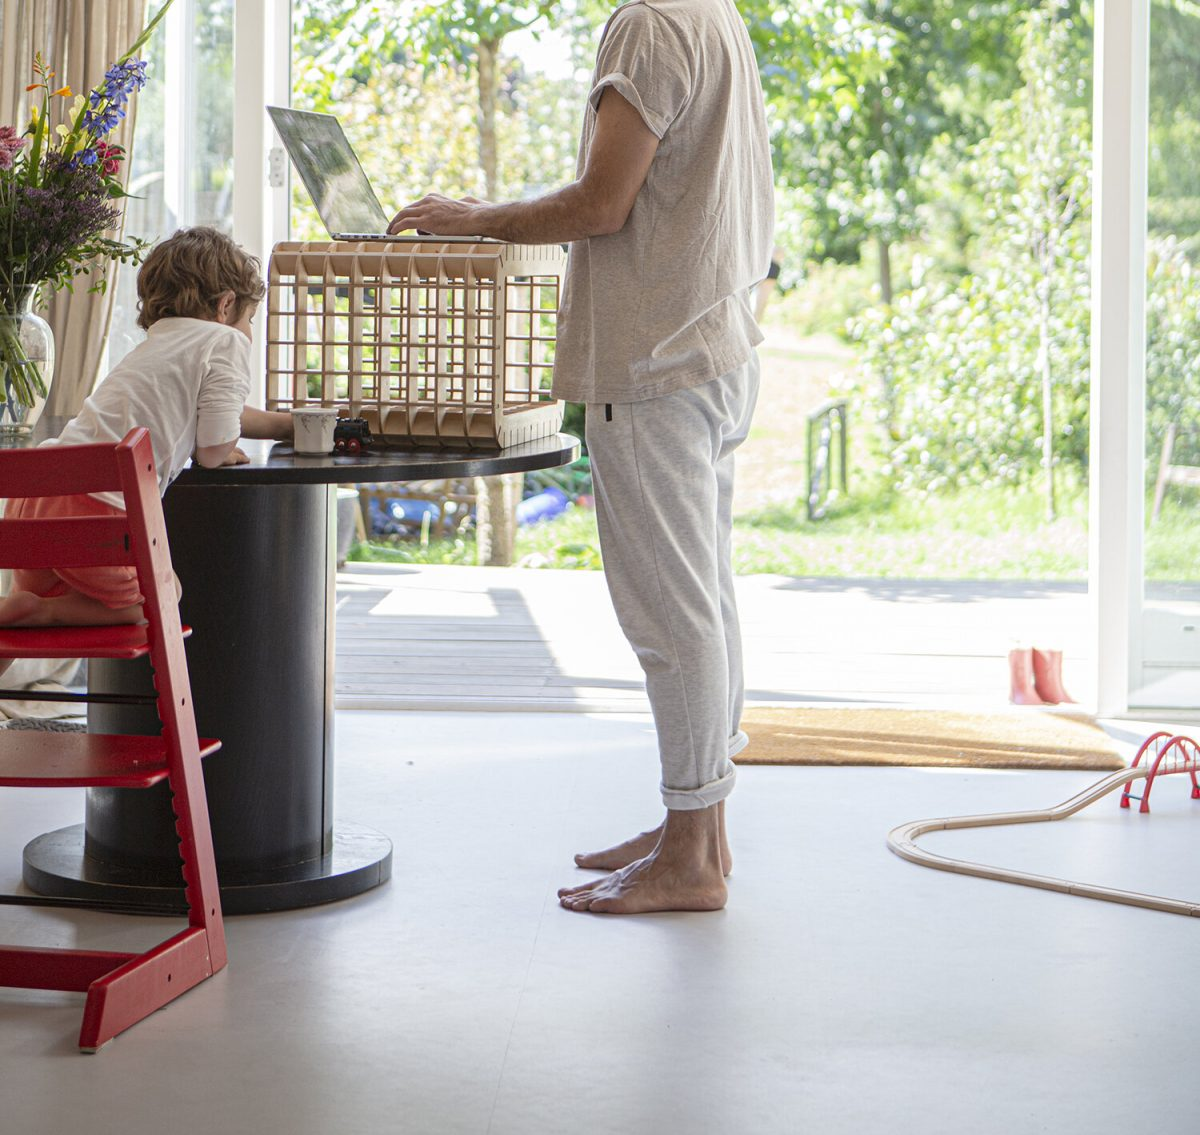 Waarmakers Ingrid Thuiswerkmeubel Bijzettafel Kruk Design Dutch Comfortabel Zit Sta Ergonomisch Bureau